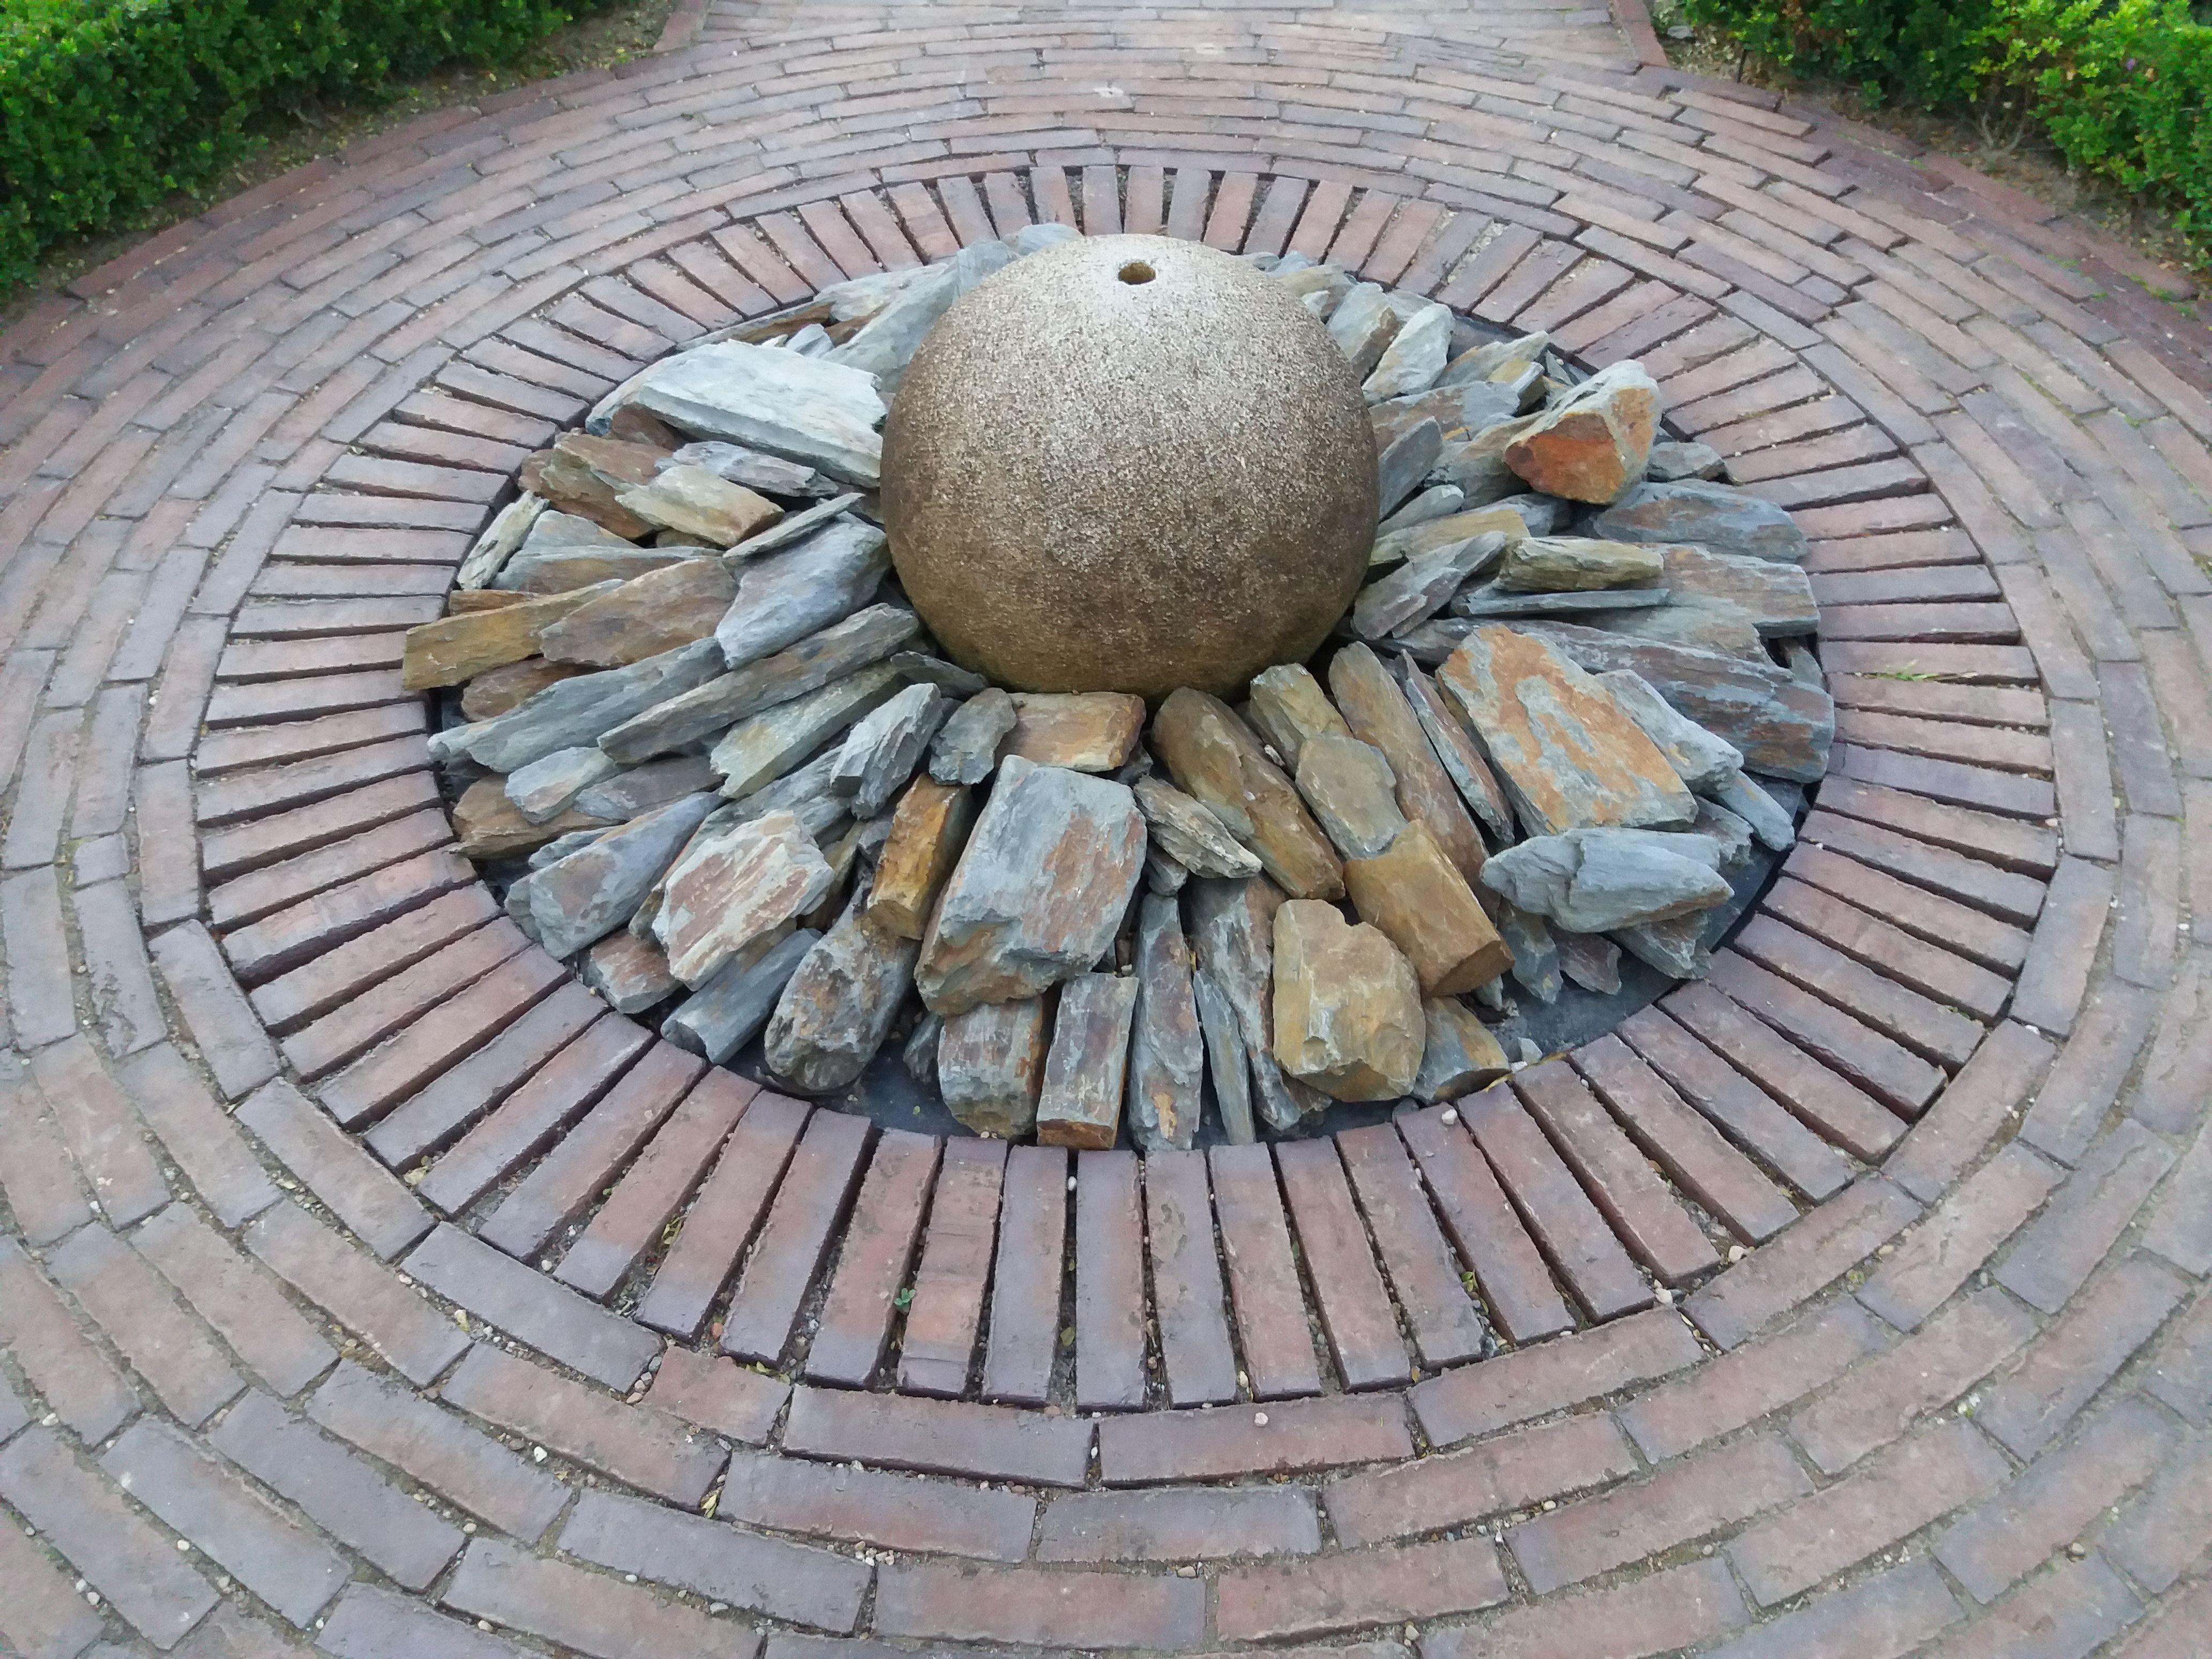 Springbrunnen Im Park Der Garten In Bad Zwischenahn In Deutschland Garten Gartendekoration Gartengestaltung Gartendekoration Springbrunnen Gartenkunst